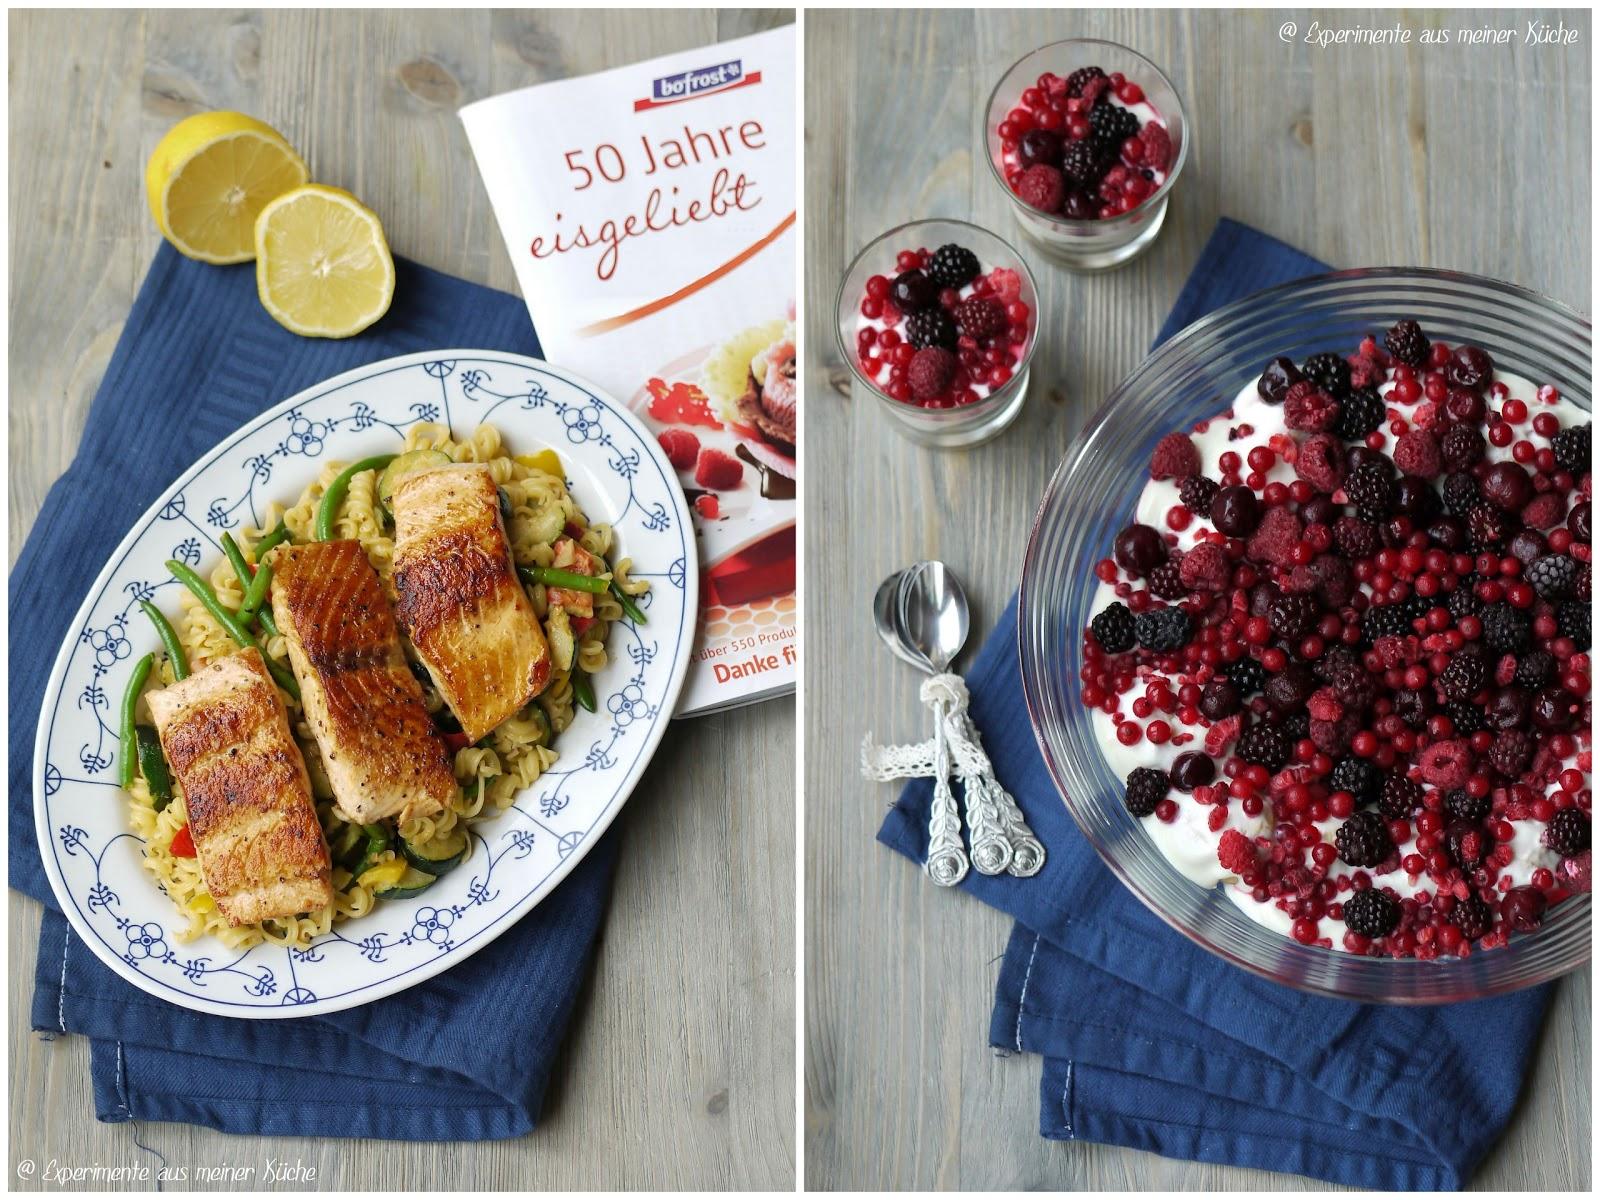 Best Experimente Aus Meiner Küche Instagram Pics - Moderne ...